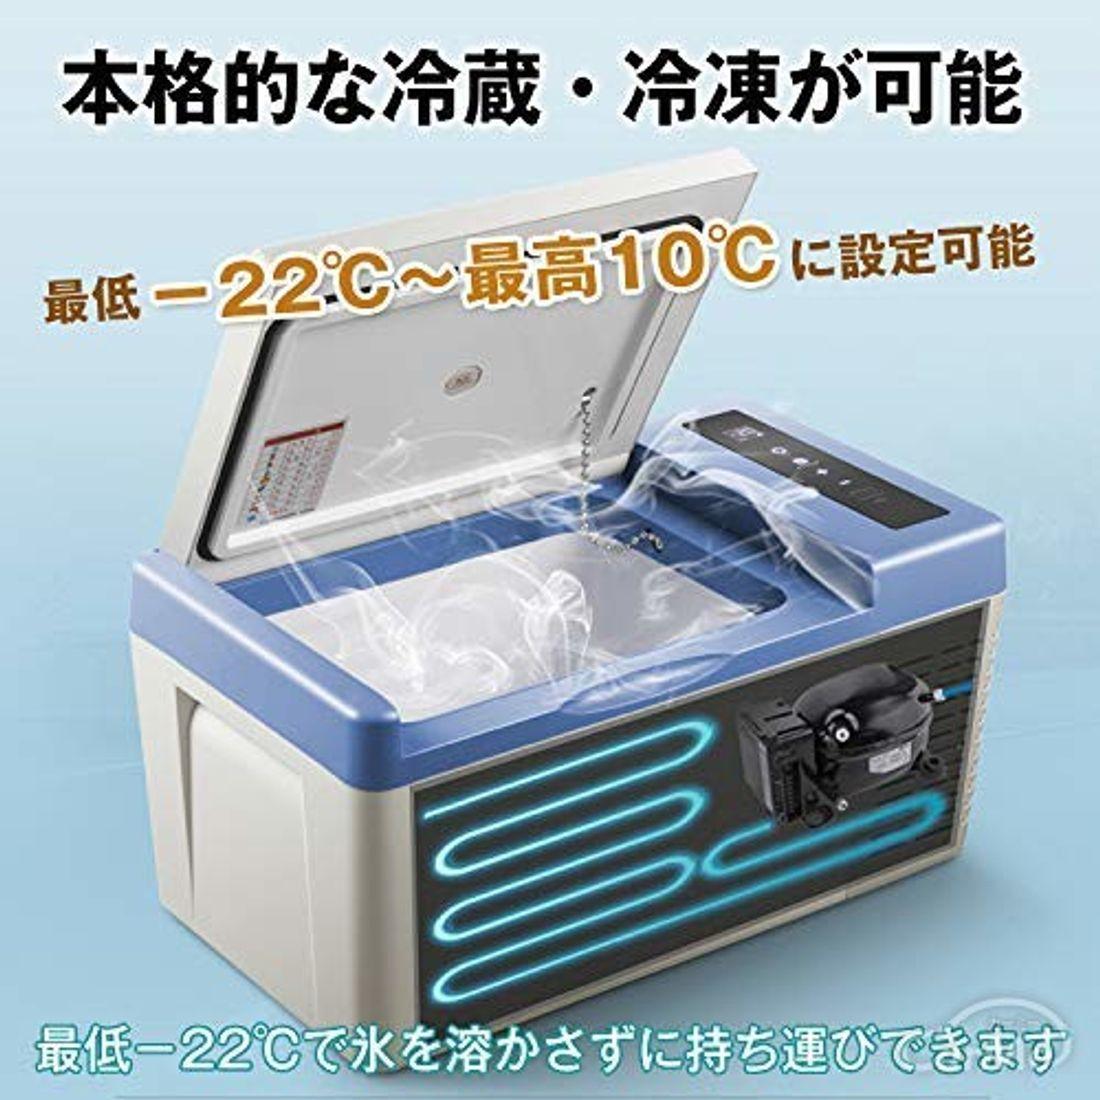 冷凍庫 ミニ